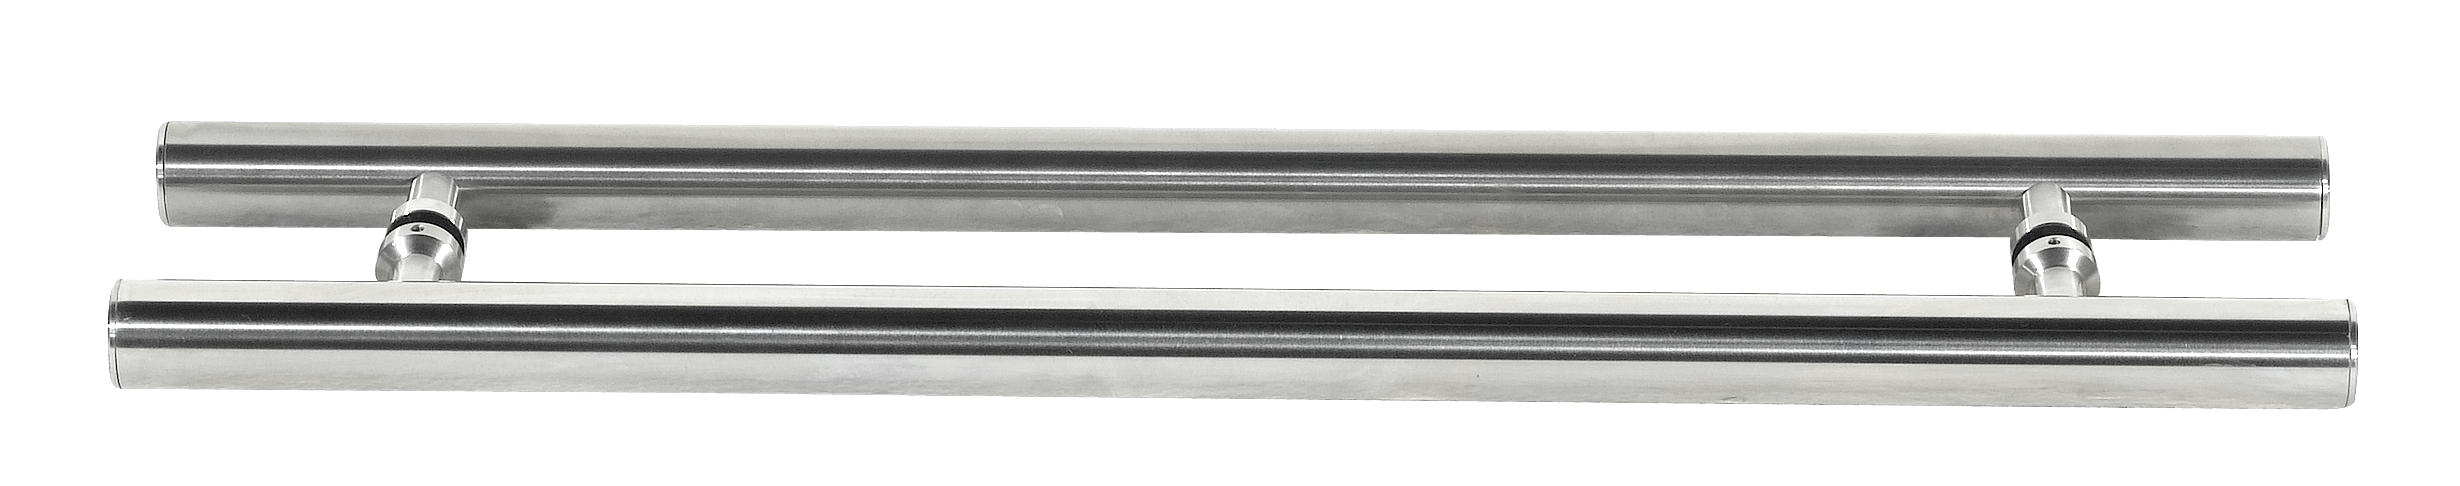 Modele de manere pentru usi din sticla SADEV DECOR - Poza 4